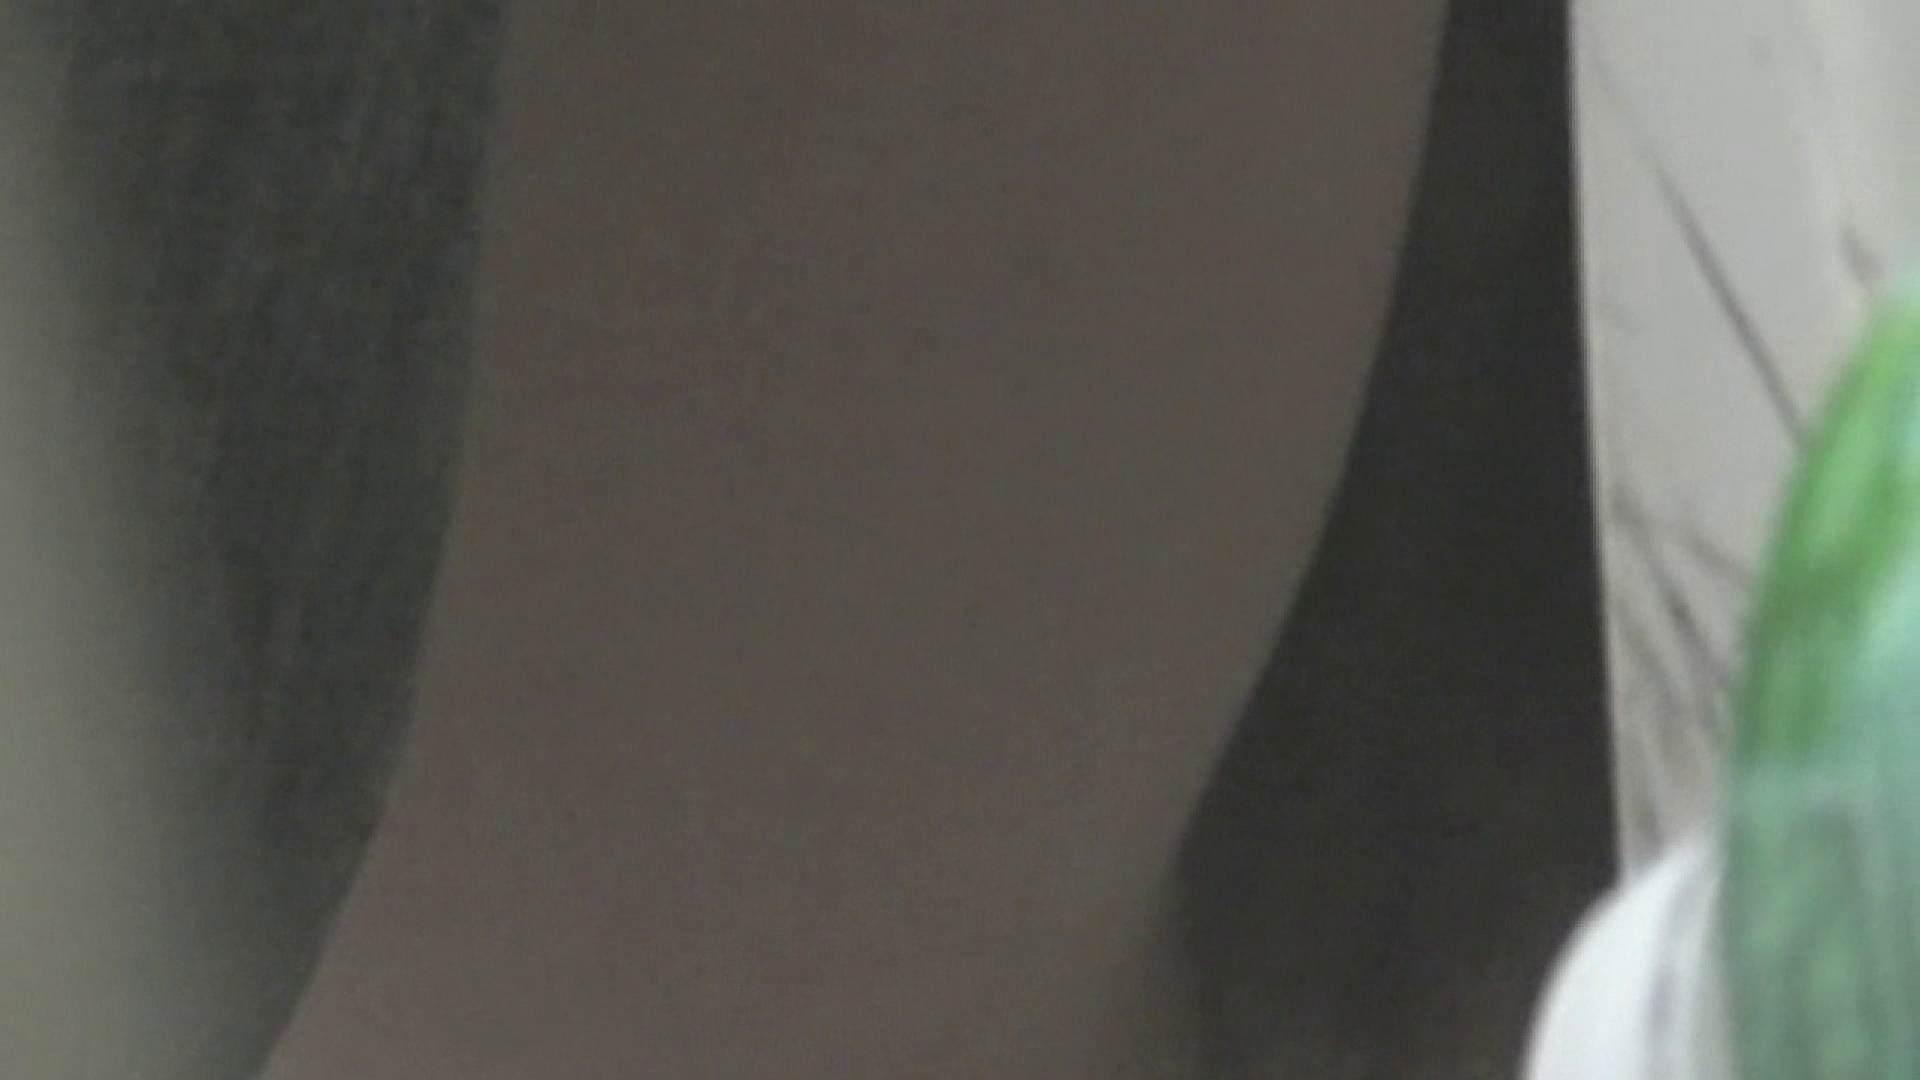 ロックハンドさんの盗撮記録File.36 モロだしオマンコ SEX無修正画像 99pic 52